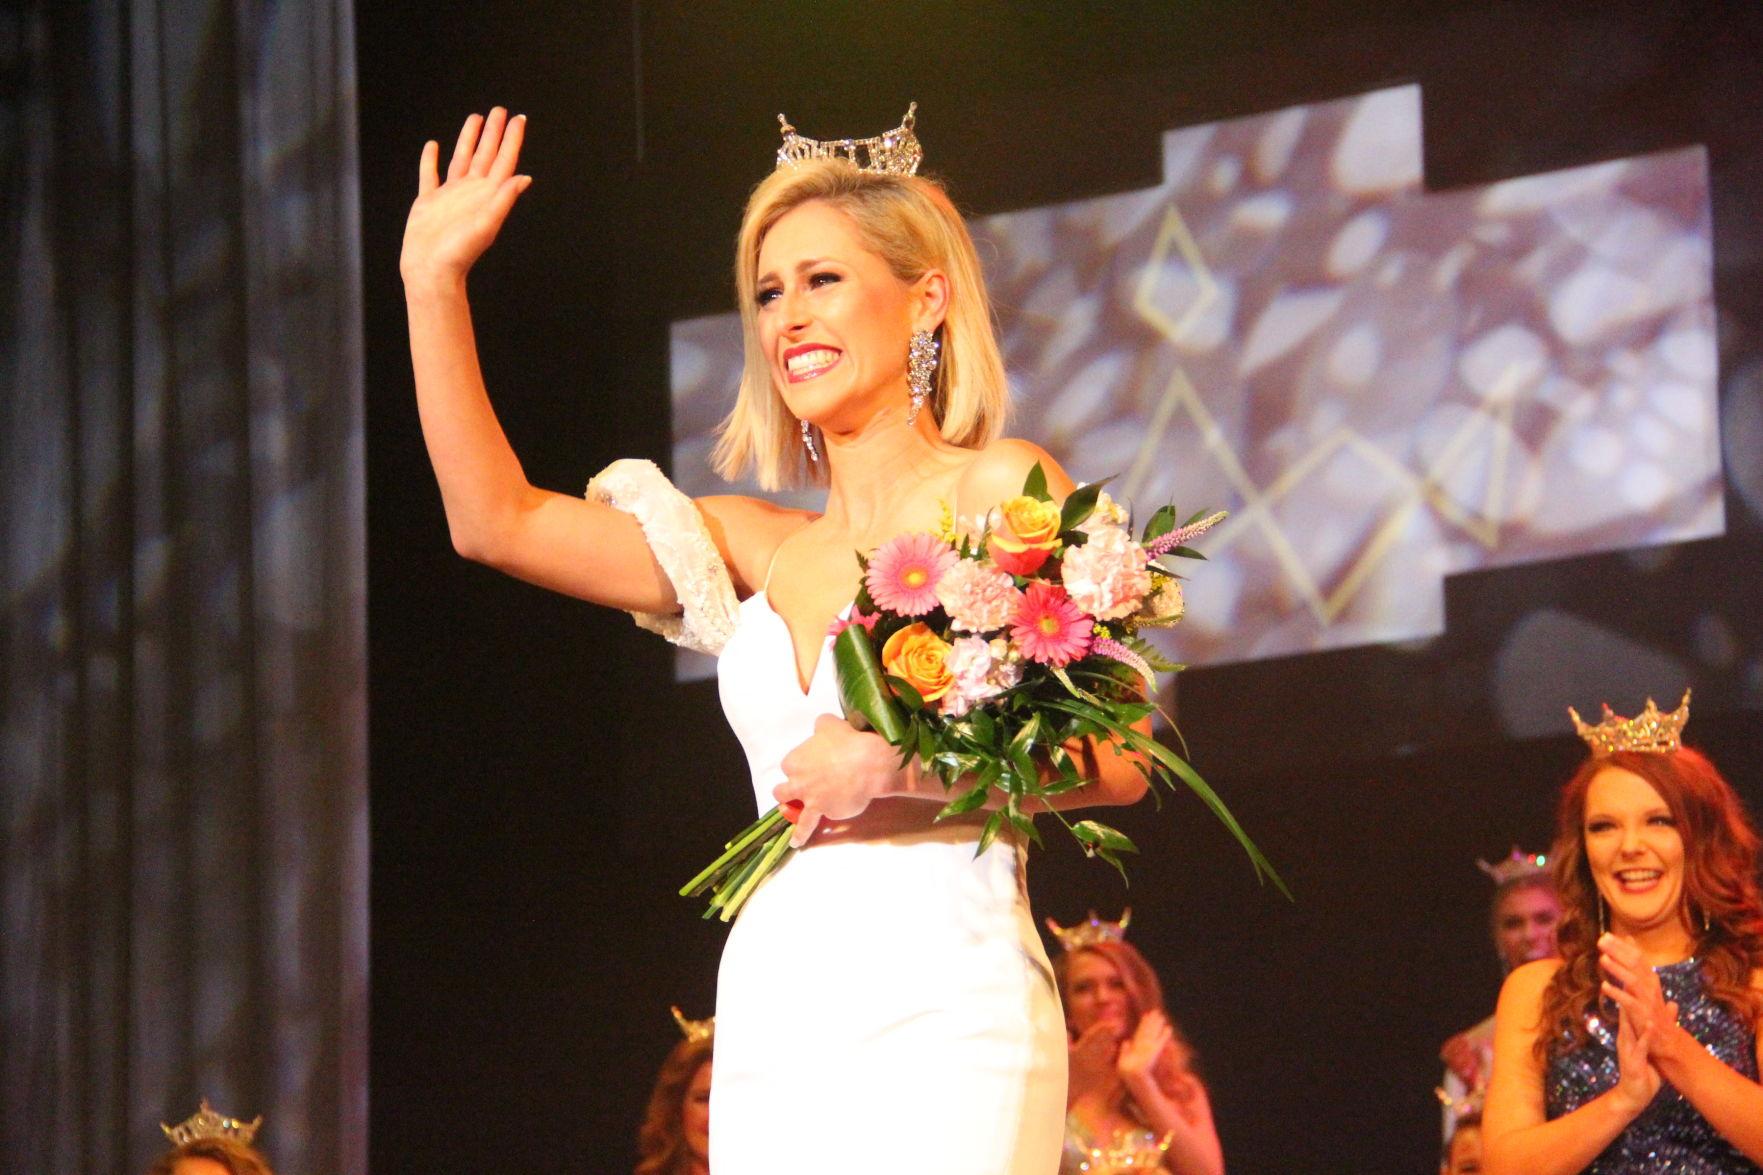 Cincinnati native takes talent competition in Miss Ohio preliminary